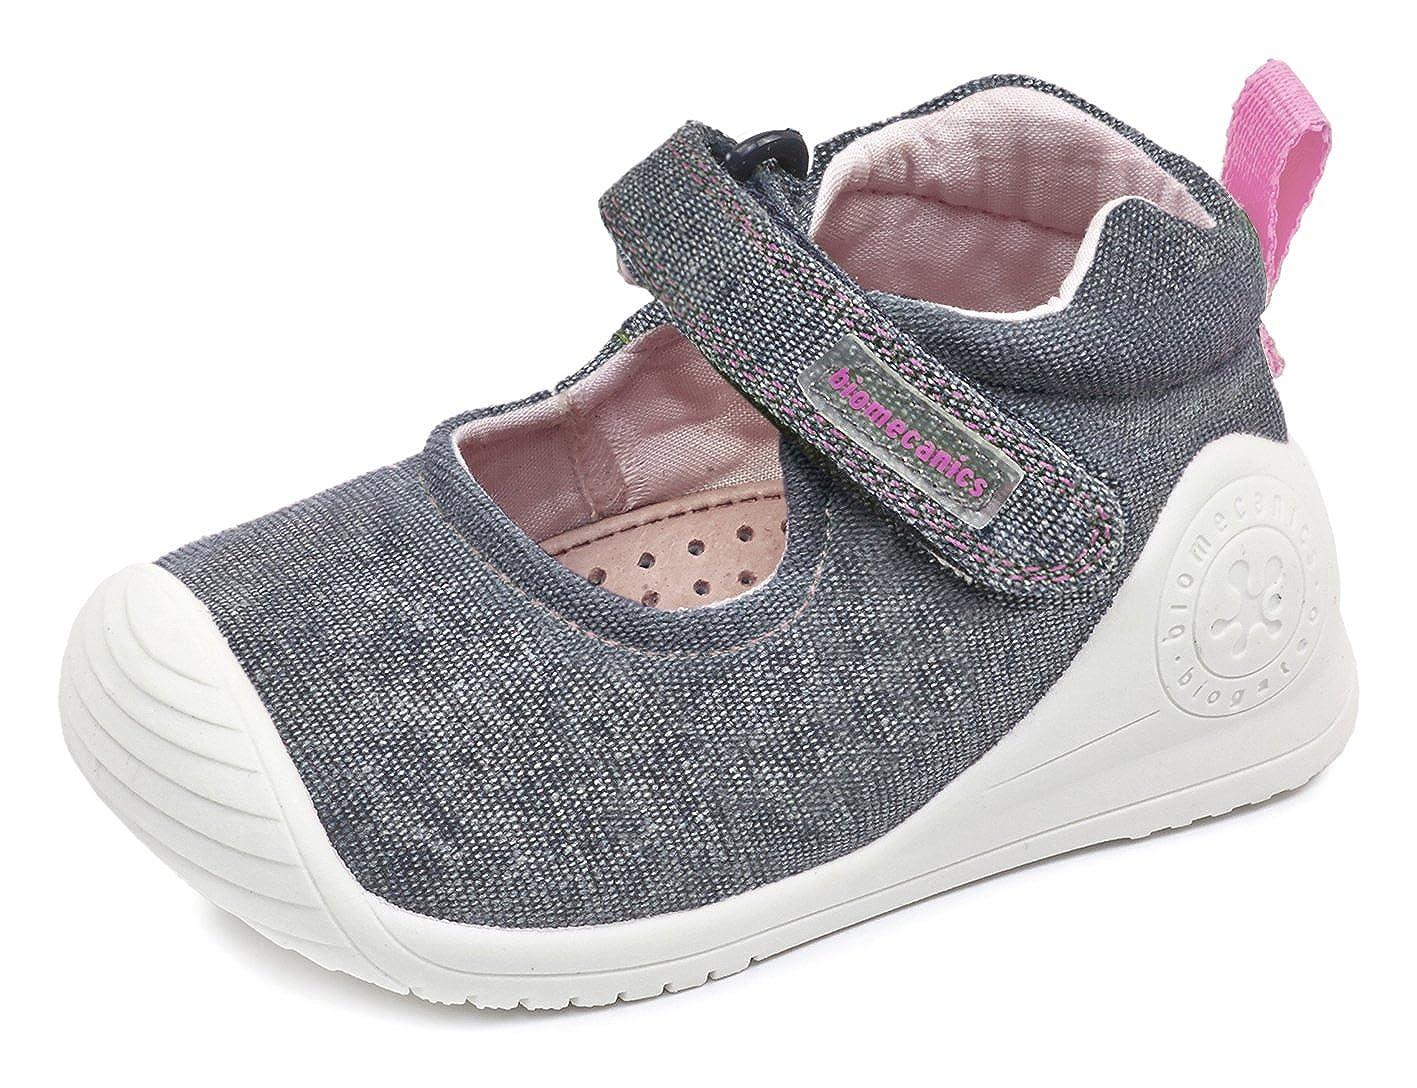 Biomecanics 172155, Zapatillas para Niñas Zapatillas para Bebés Azul (Navy Blue) 24 EU 172155-A